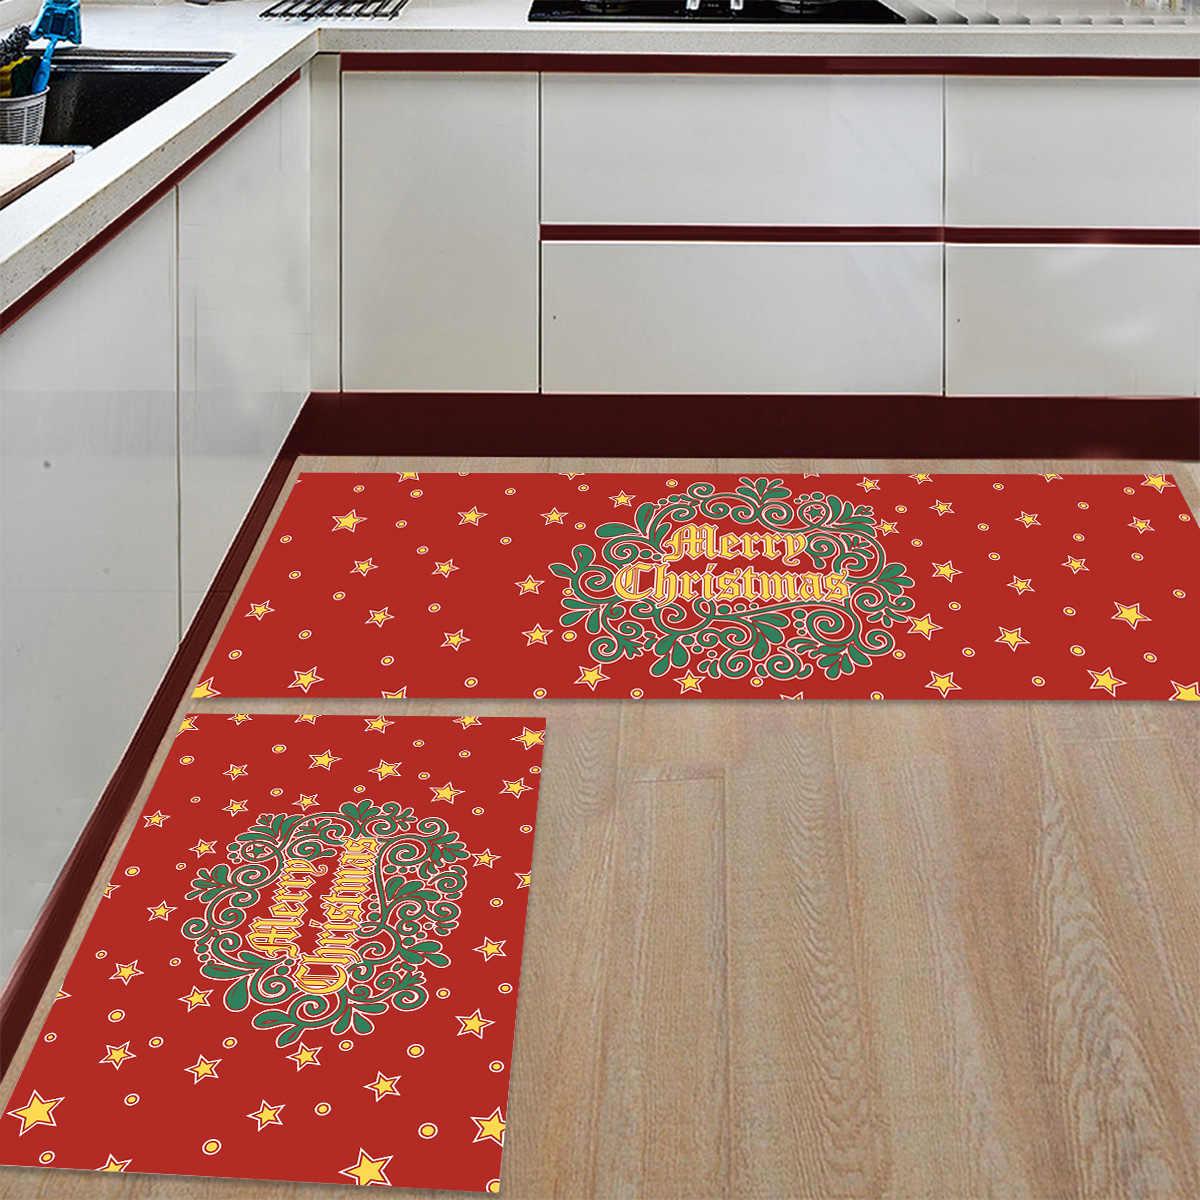 2 sztuka maty kuchenne wesołych świąt czerwone gwiazdy z boże narodzenie rośliny wycieraczki dla wejście sposób łazienka salon wycieraczki